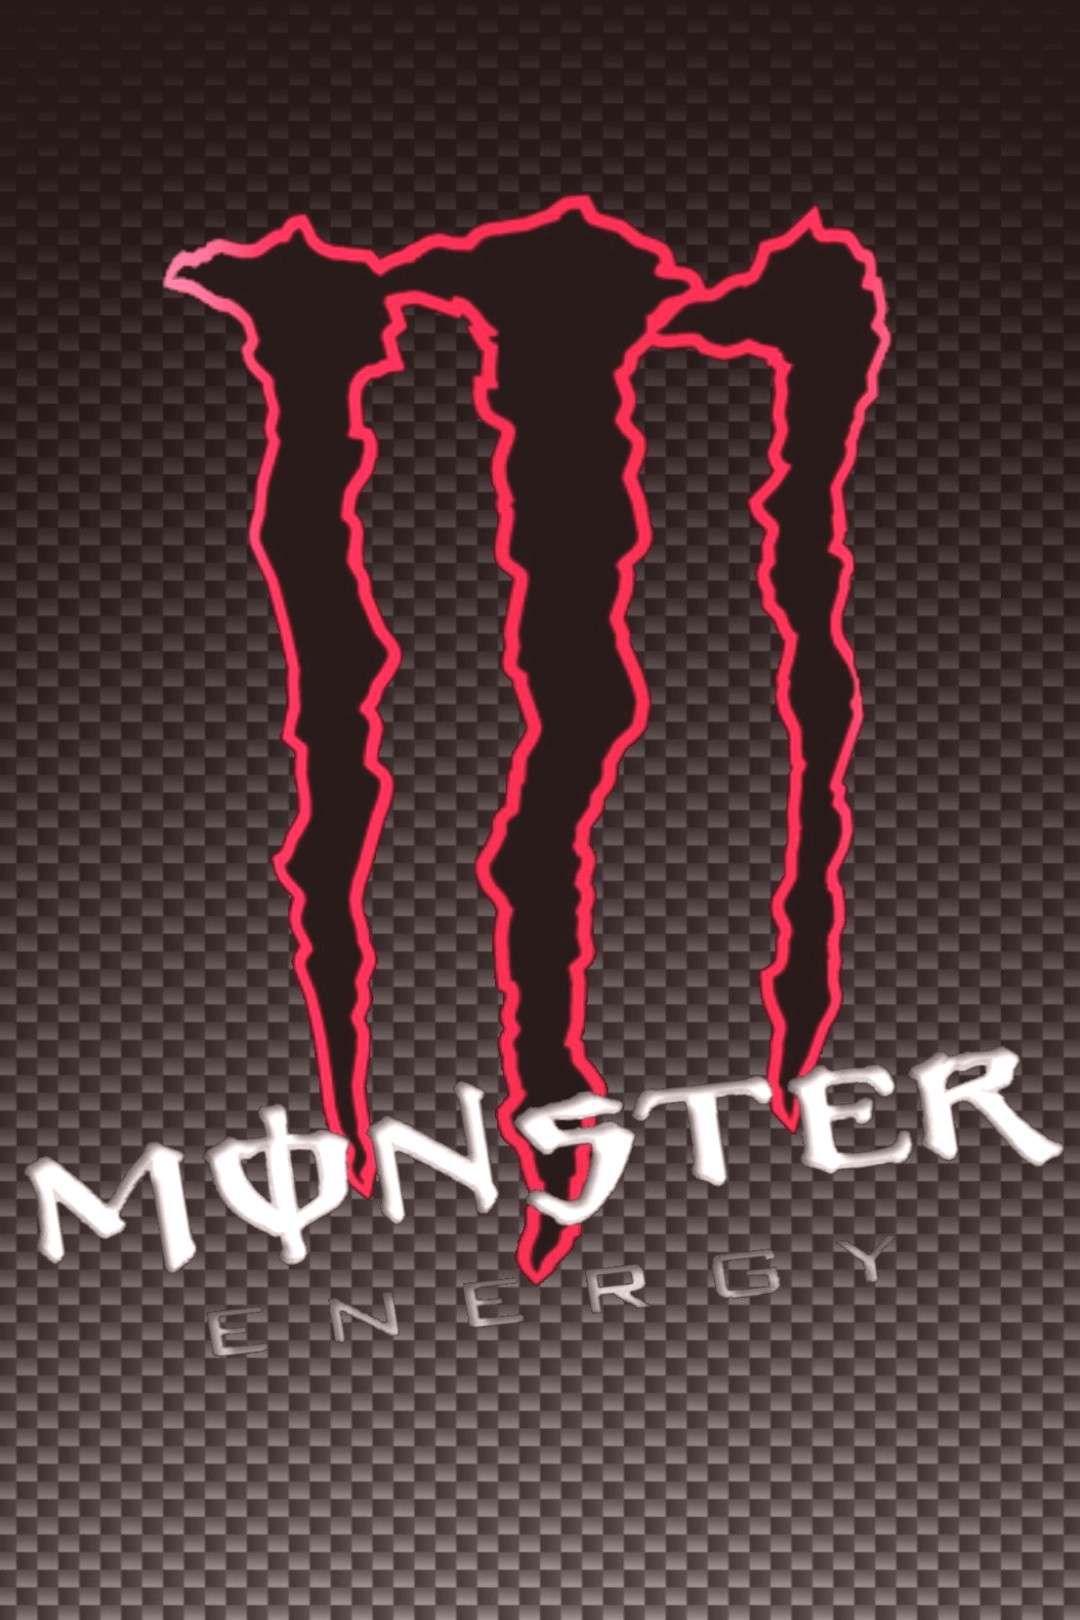 Monster Energy Drink Logo Monster Energy Monster Energy Drink Logo Monster Energy Balls Monst In 2020 Monster Energy Drink Logo Monster Energy Drink Drinks Logo